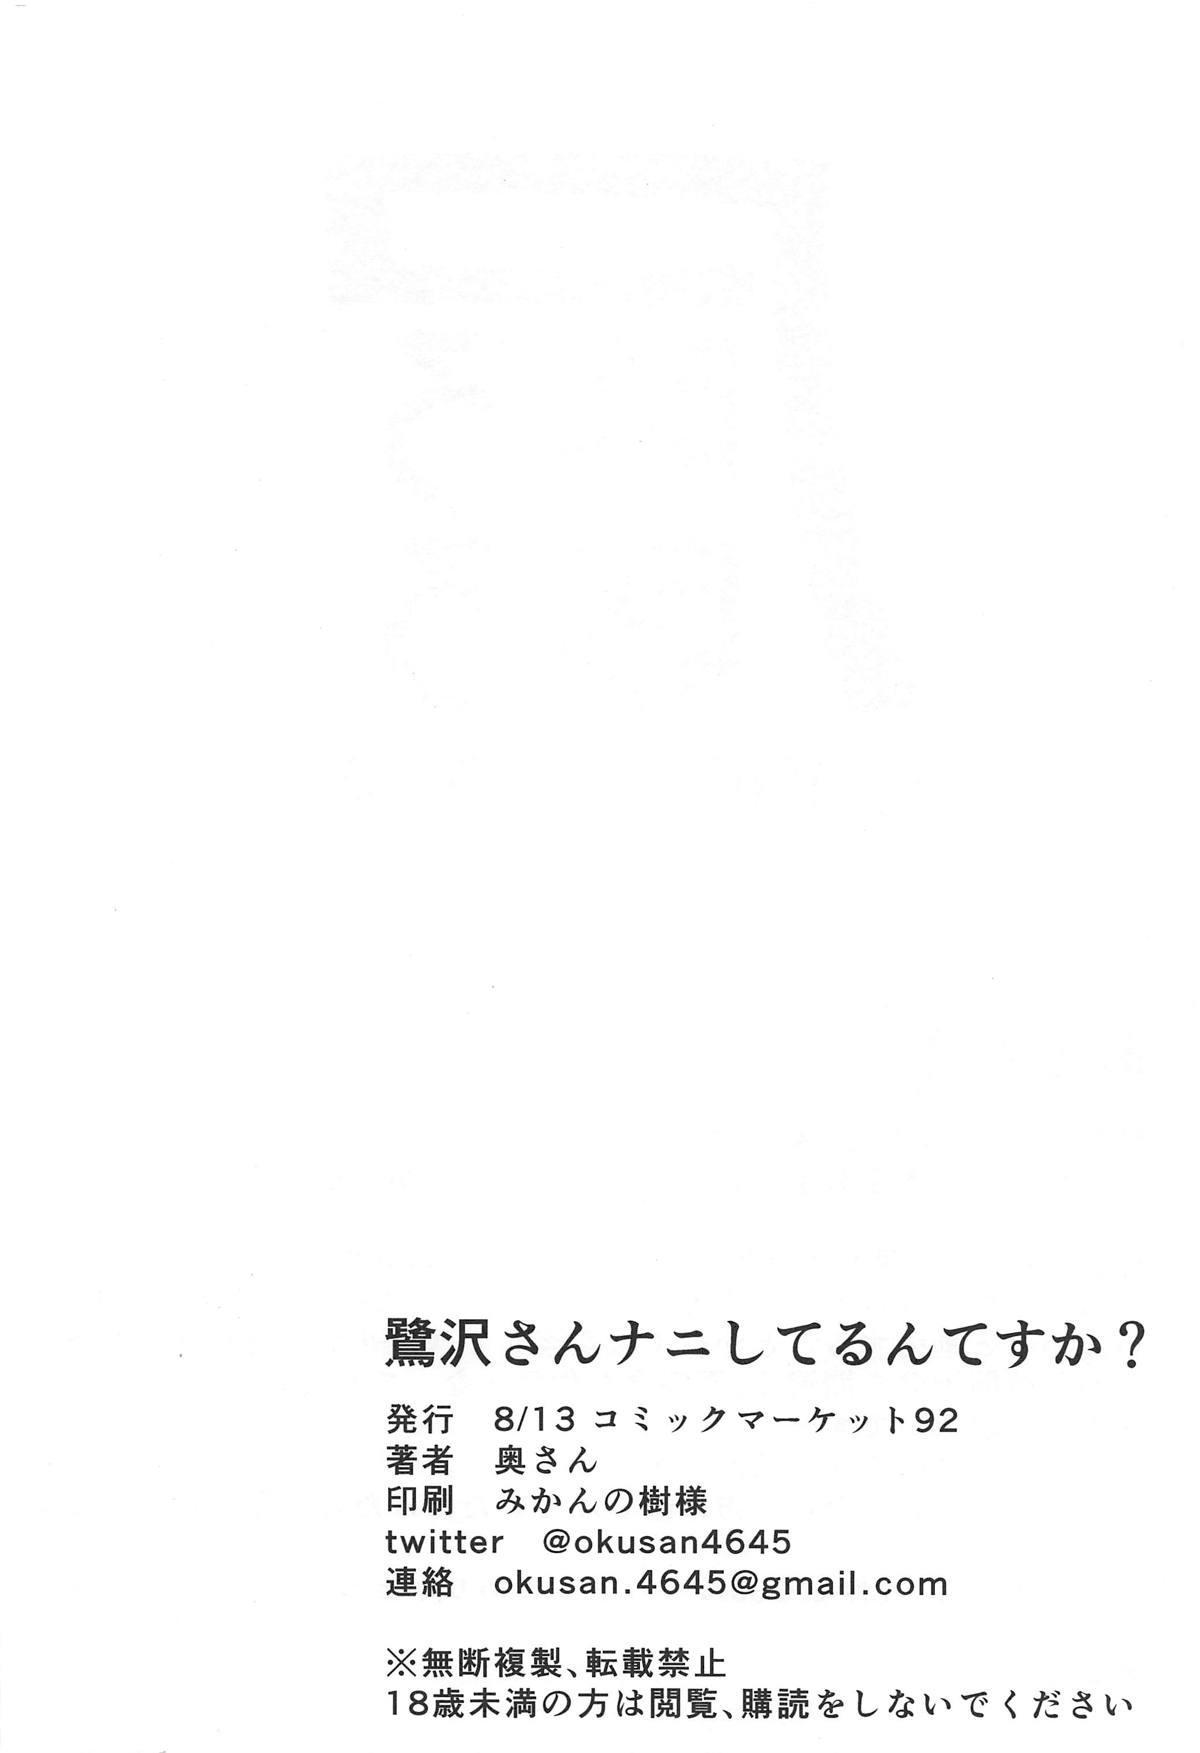 Sagisawa-san Nani Shiterun desu ka? 20